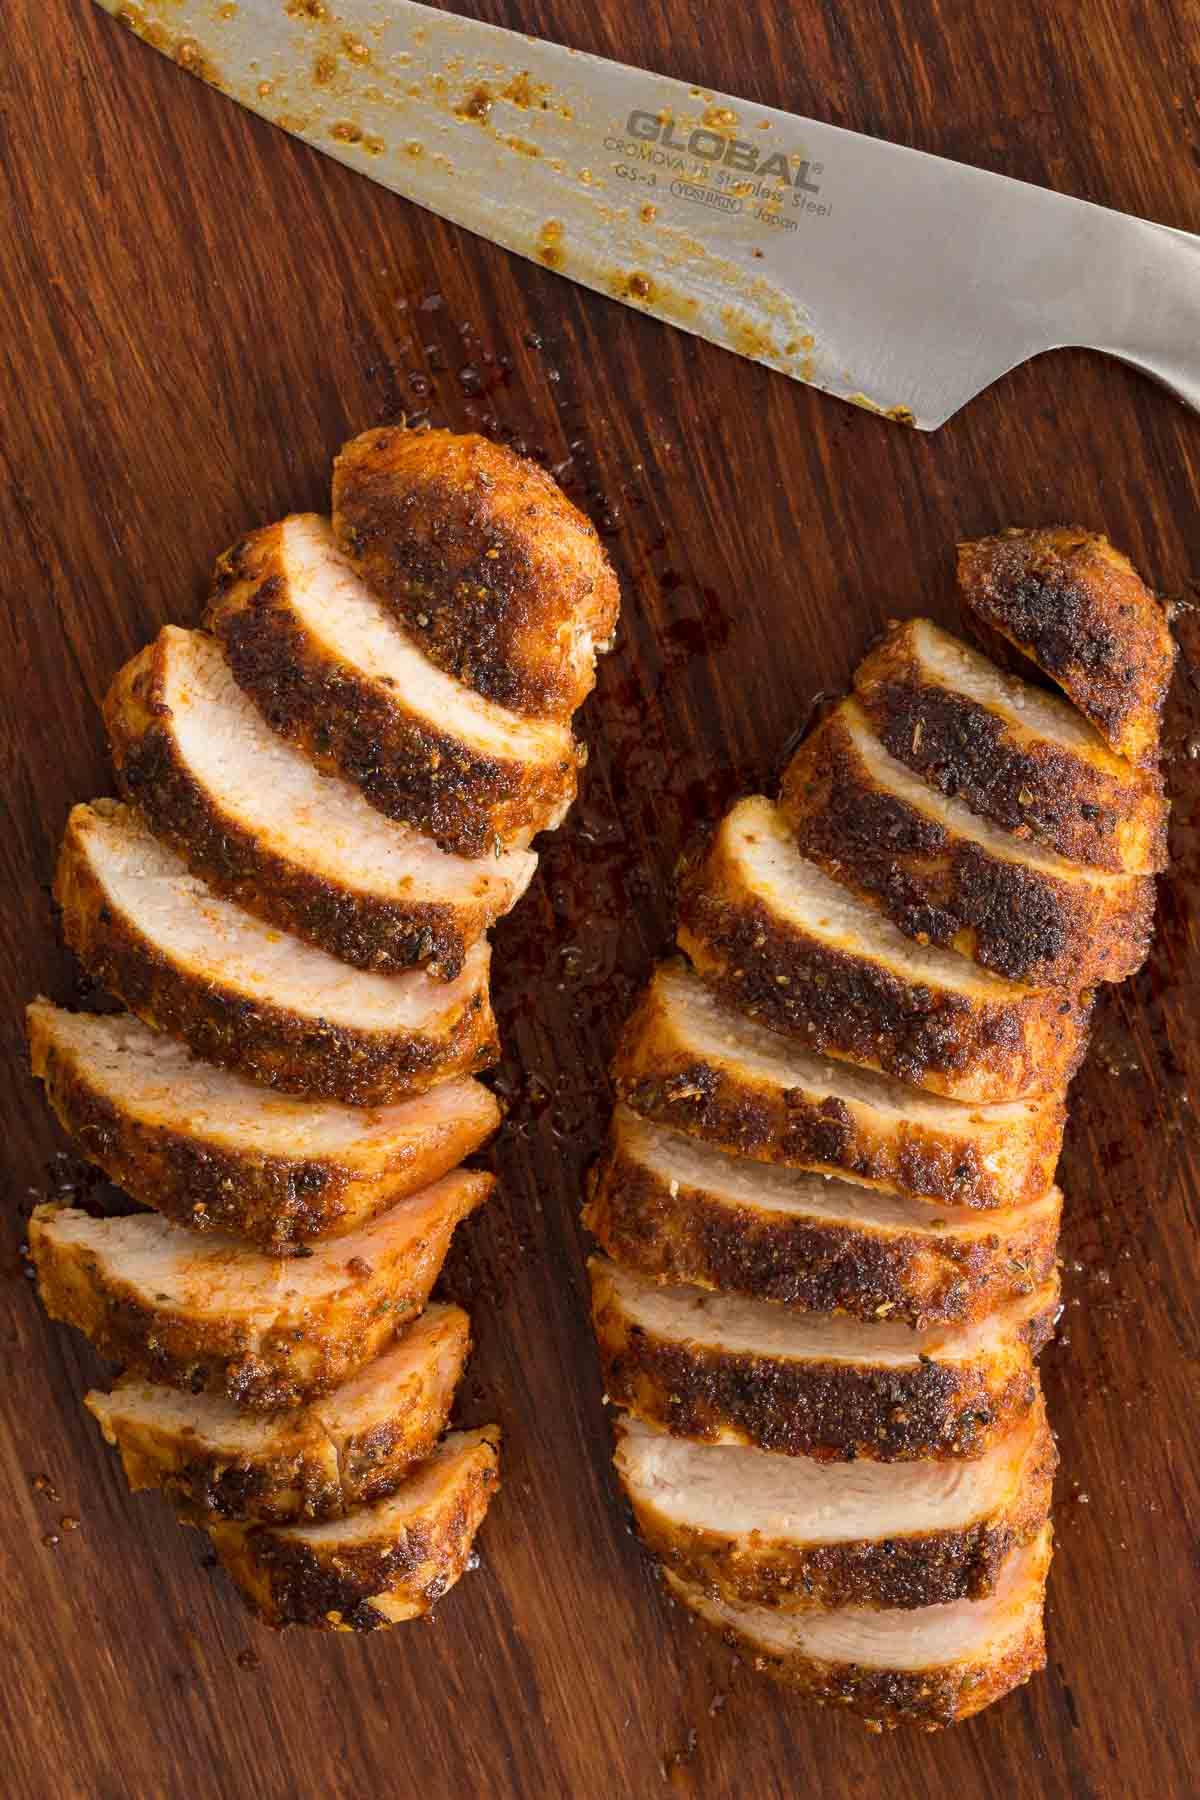 Foto aérea de dois peitos de frango salteado com estilo restaurante cortados diagonalmente em uma tábua de corte marrom escuro com uma faca na parte superior da foto.